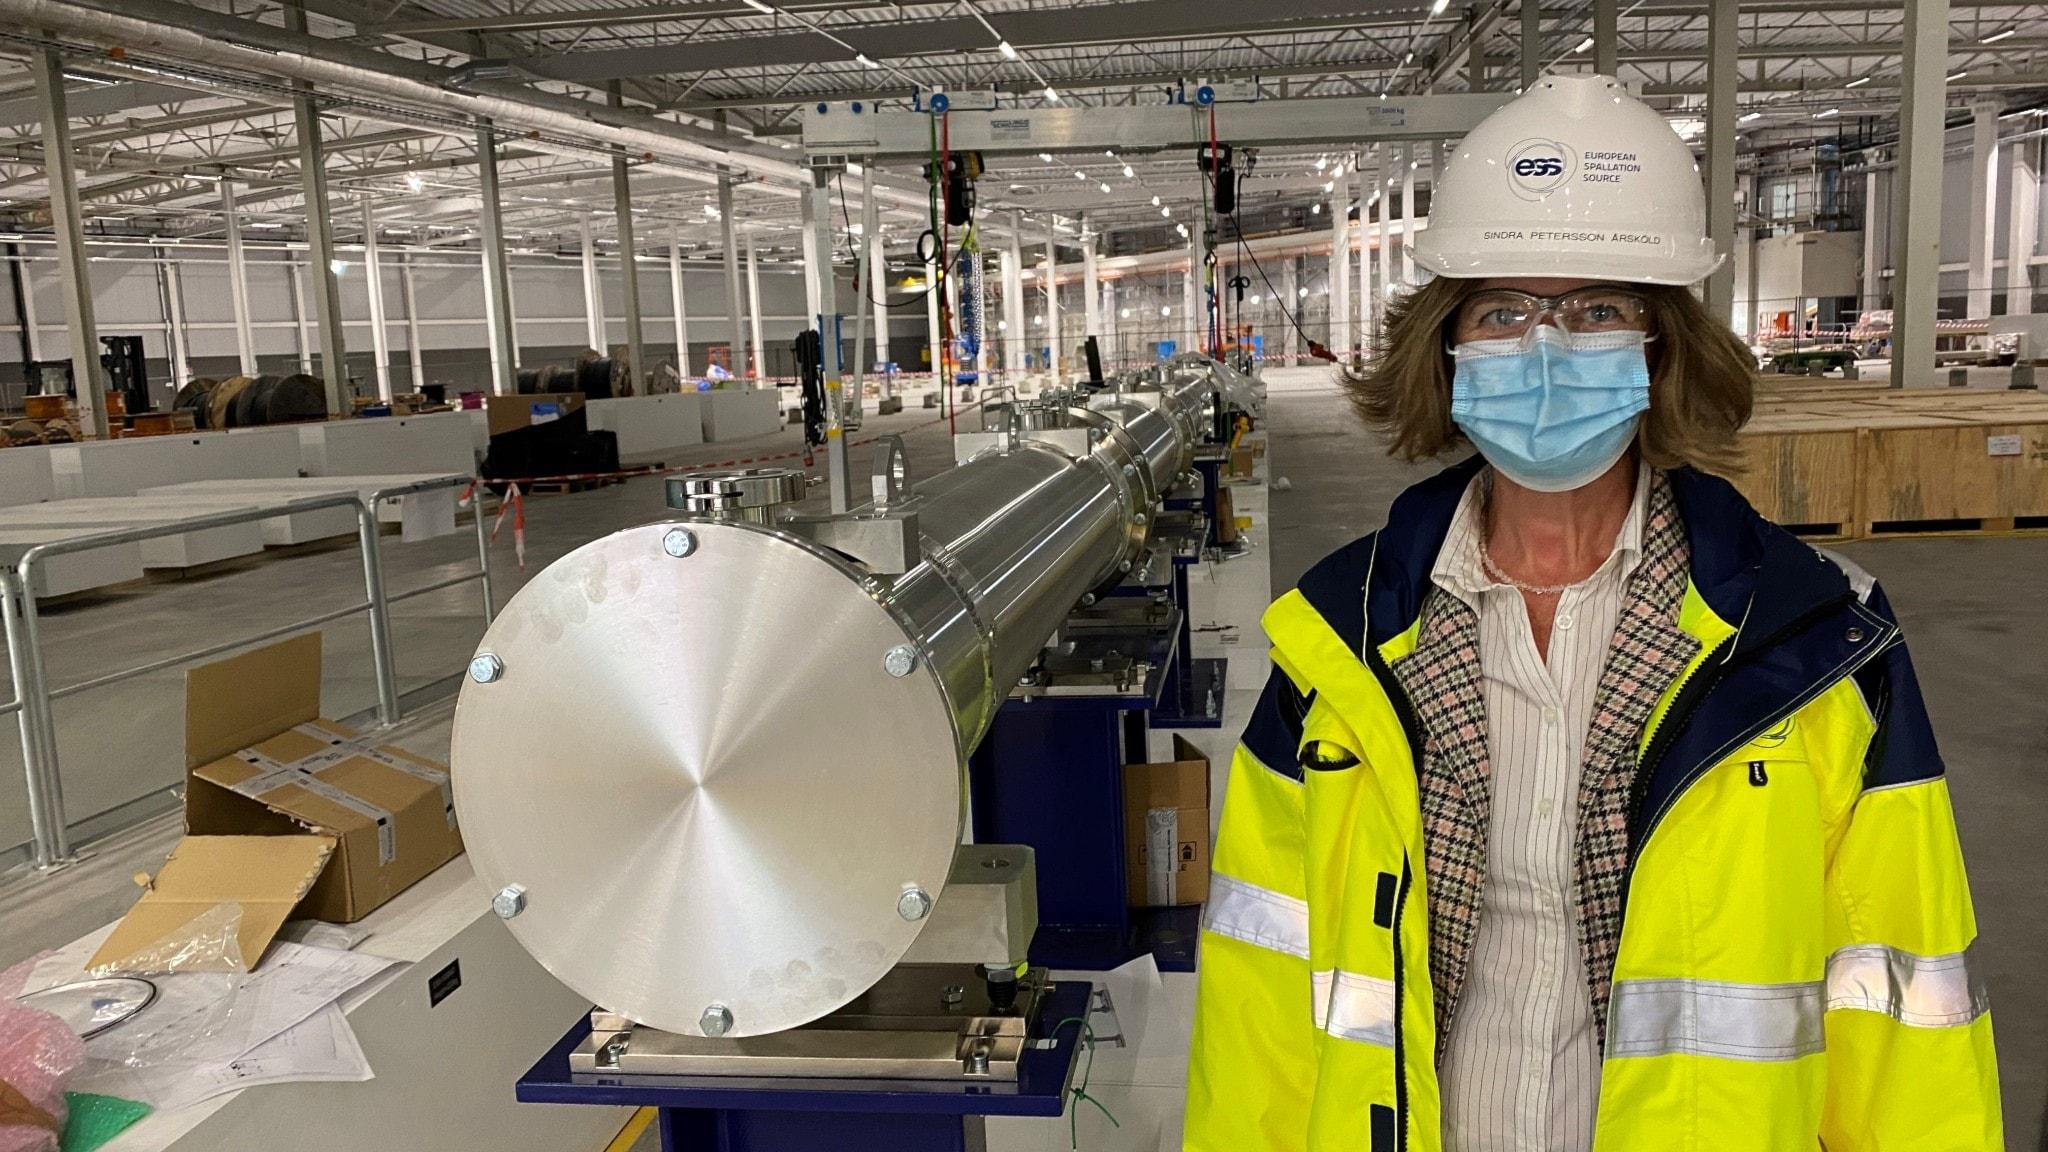 En kvinna står med bygghjälm, munskydd och neongul arbetsjacka i en stor hangarliknande byggnad, vid sidan om ett stort långt metallrör.